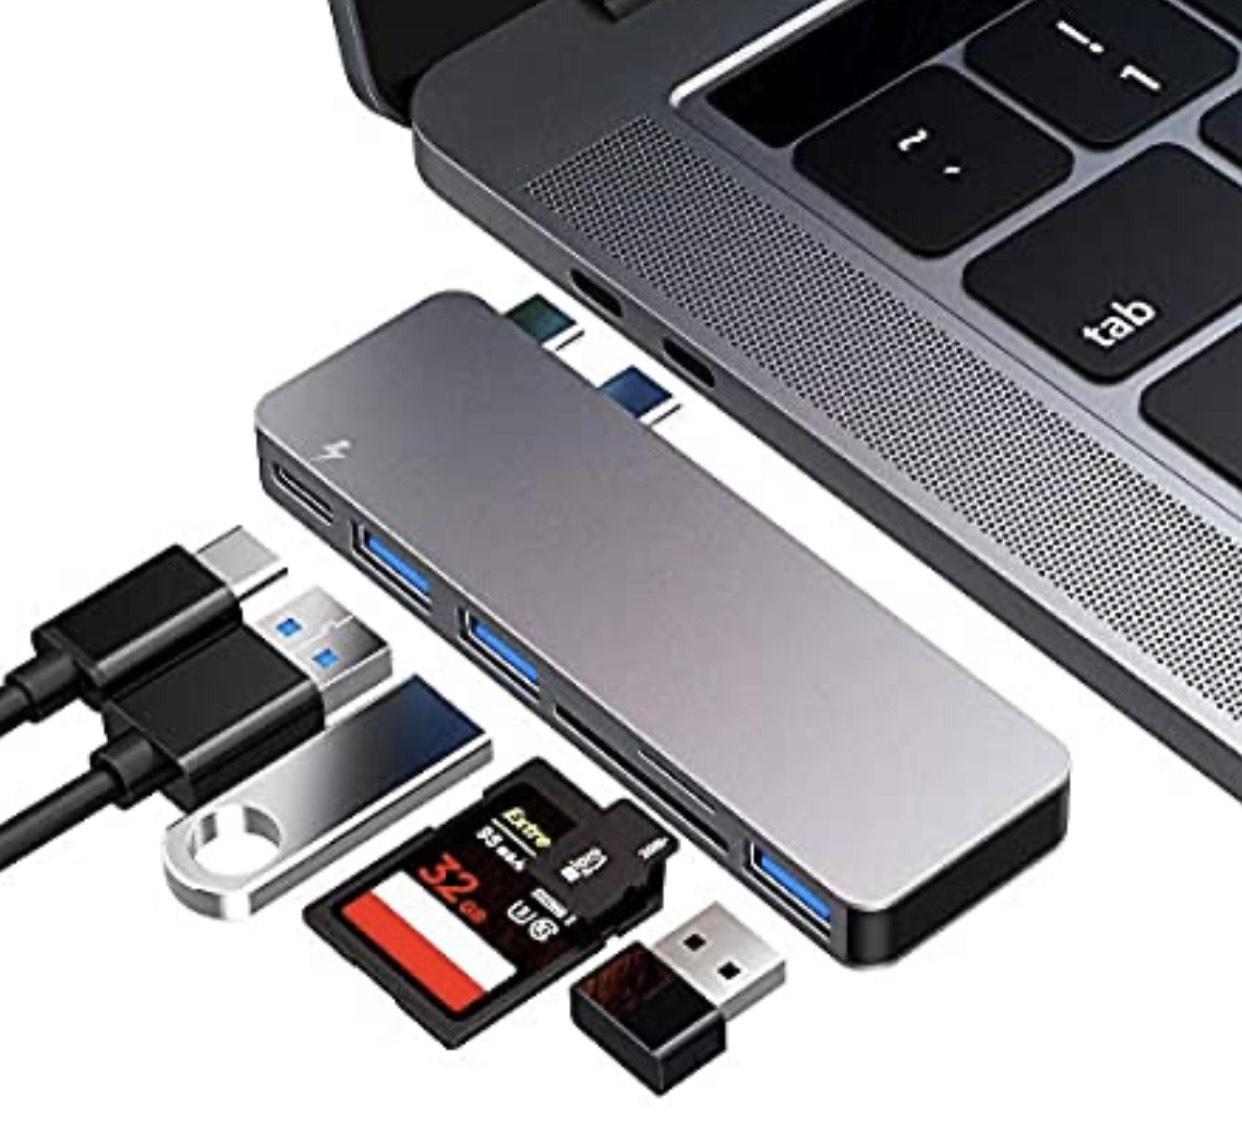 Hub USB-C Flyland - 3 Ports USB 3.0, Lecteur de Carte SD et 1 port USB C (Vendeur Tiers)